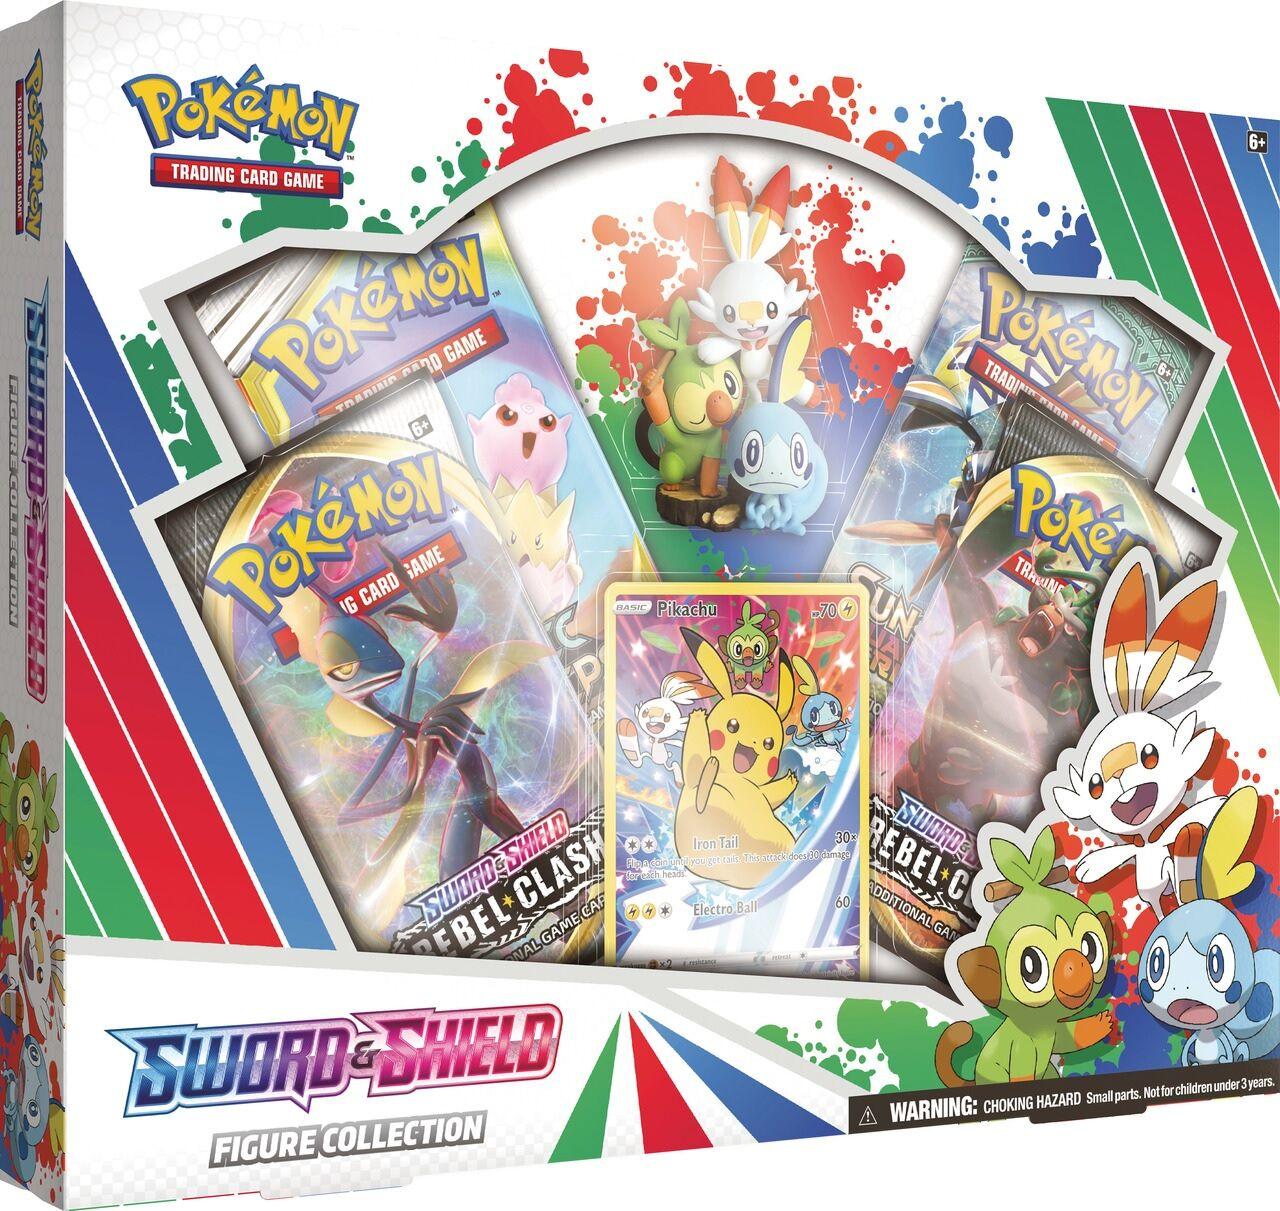 Pokemon Sword Shield Figure Coll. Box